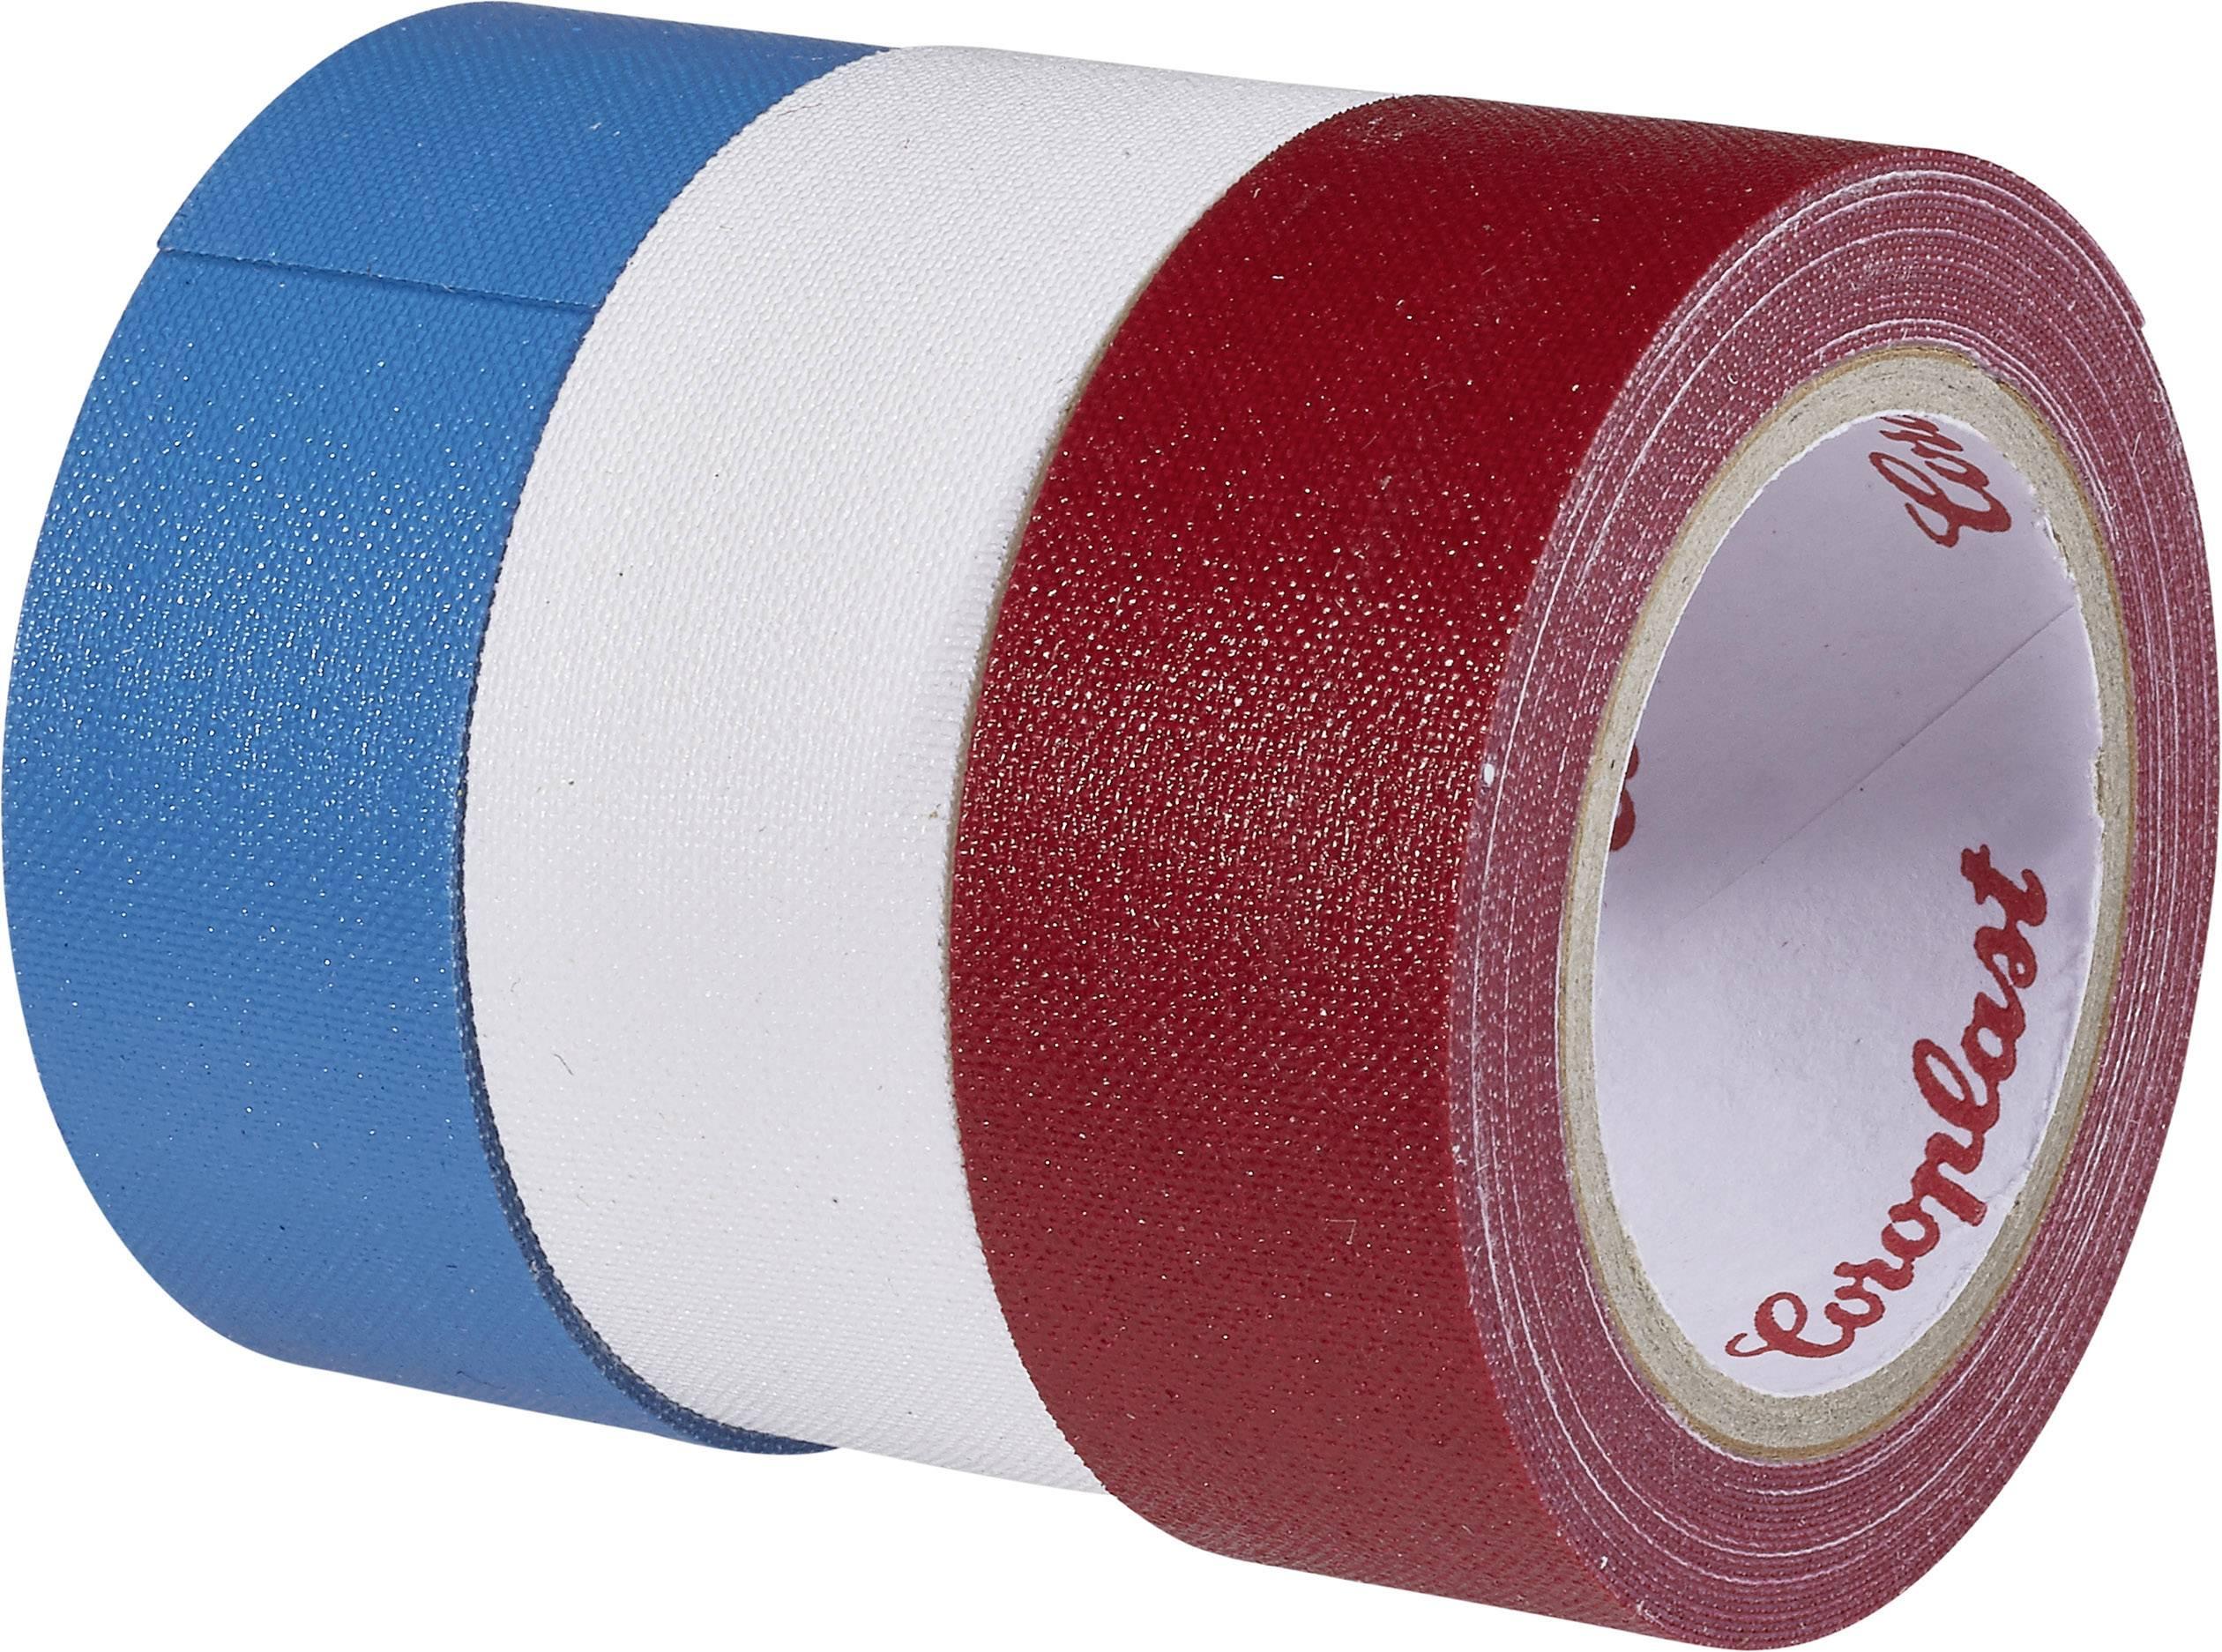 Páska so skleným vláknom Coroplast 31081 31081, (d x š) 2.5 m x 19 mm, modrá, červená, biela, 3 roliek